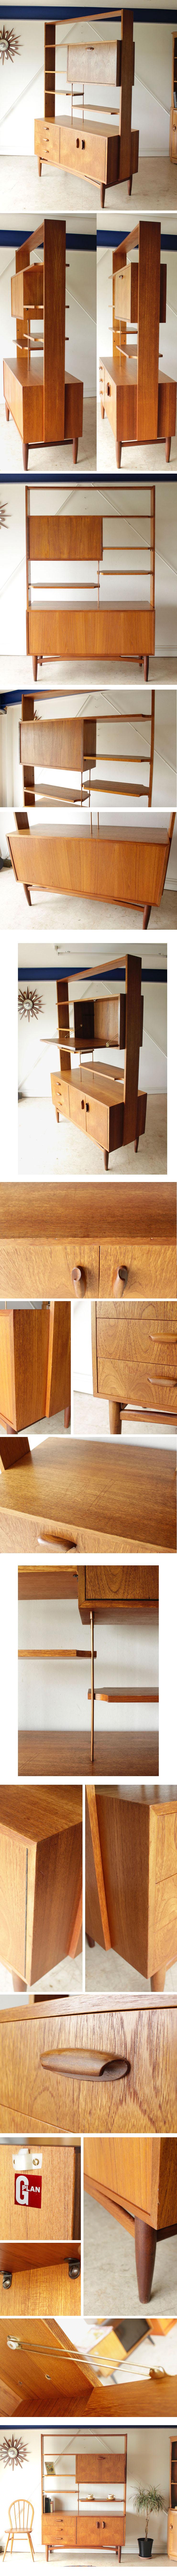 ジープラン ・G-plan・ルームディバイダー・収納・壁面・家具・ヴィンテージ・北欧・チーク・輸入・サイドボード